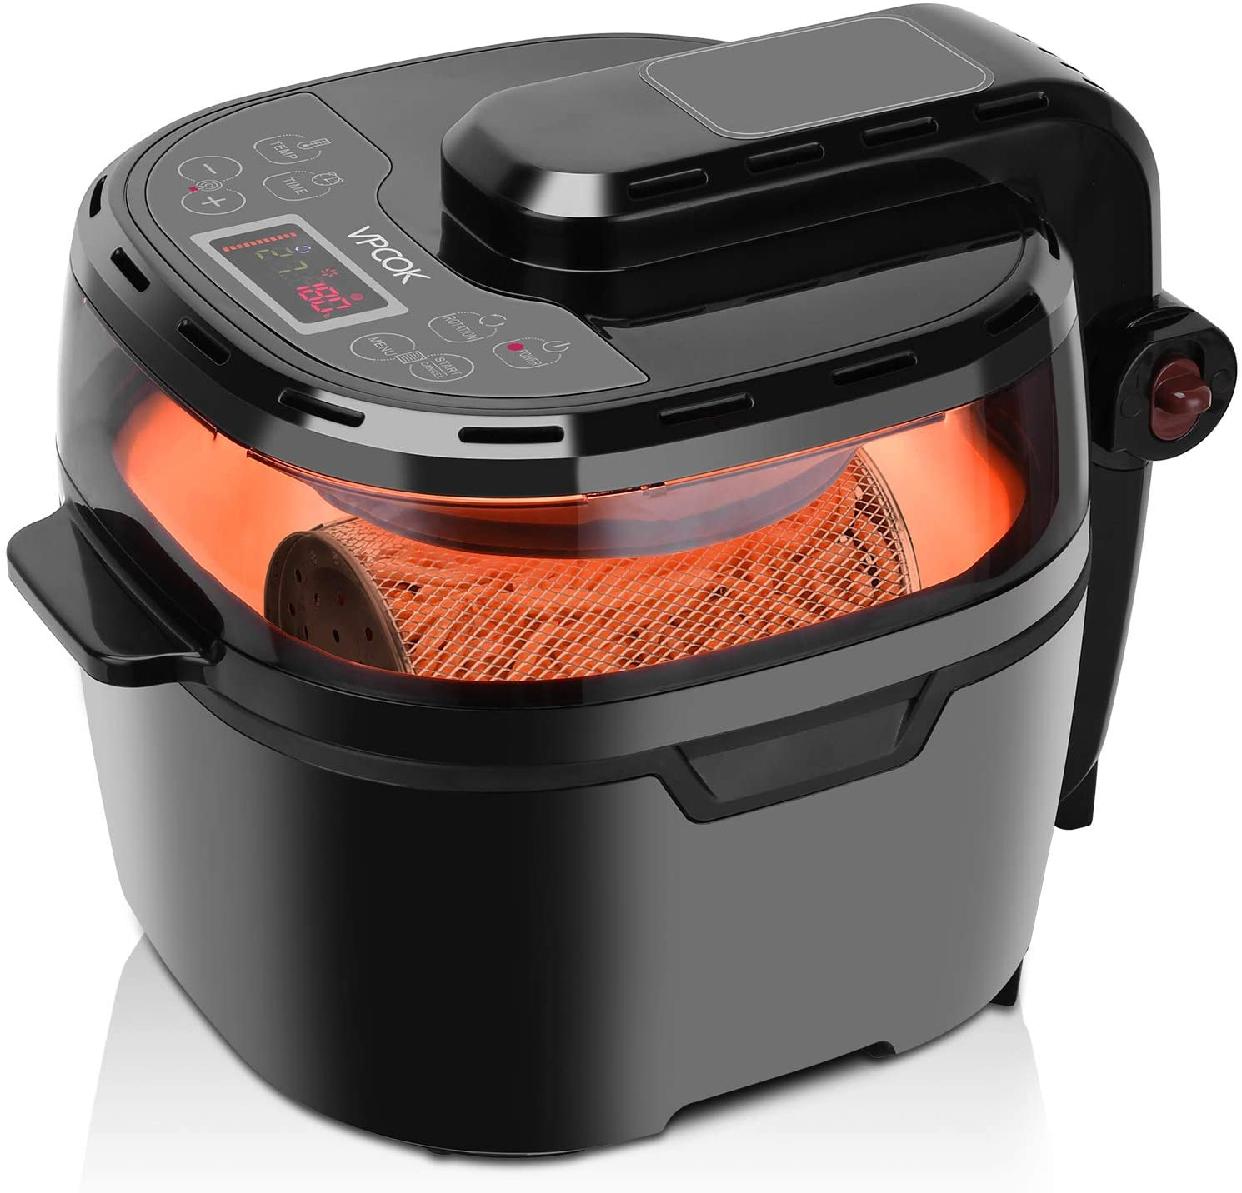 VPCOK(ブイピーコック) 電気フライヤー 10L ブラック 4513の商品画像